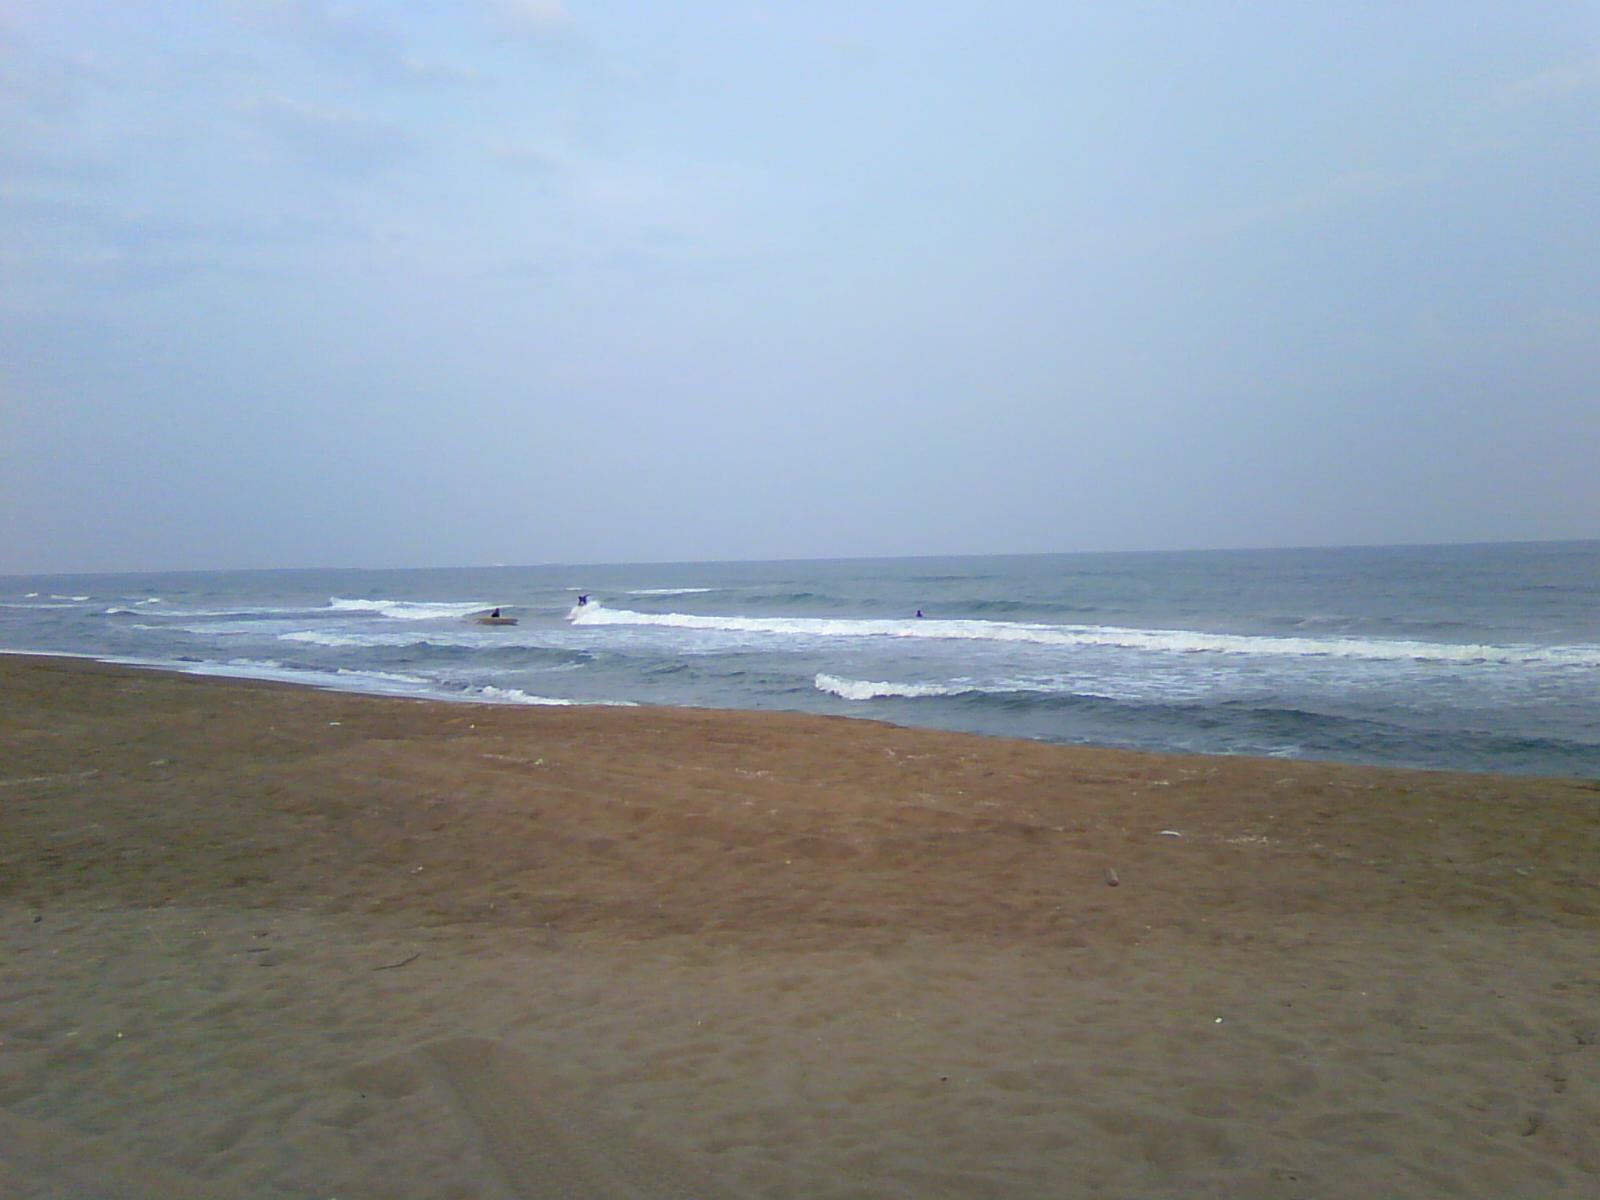 海9月27日(日)_b0112351_623895.jpg